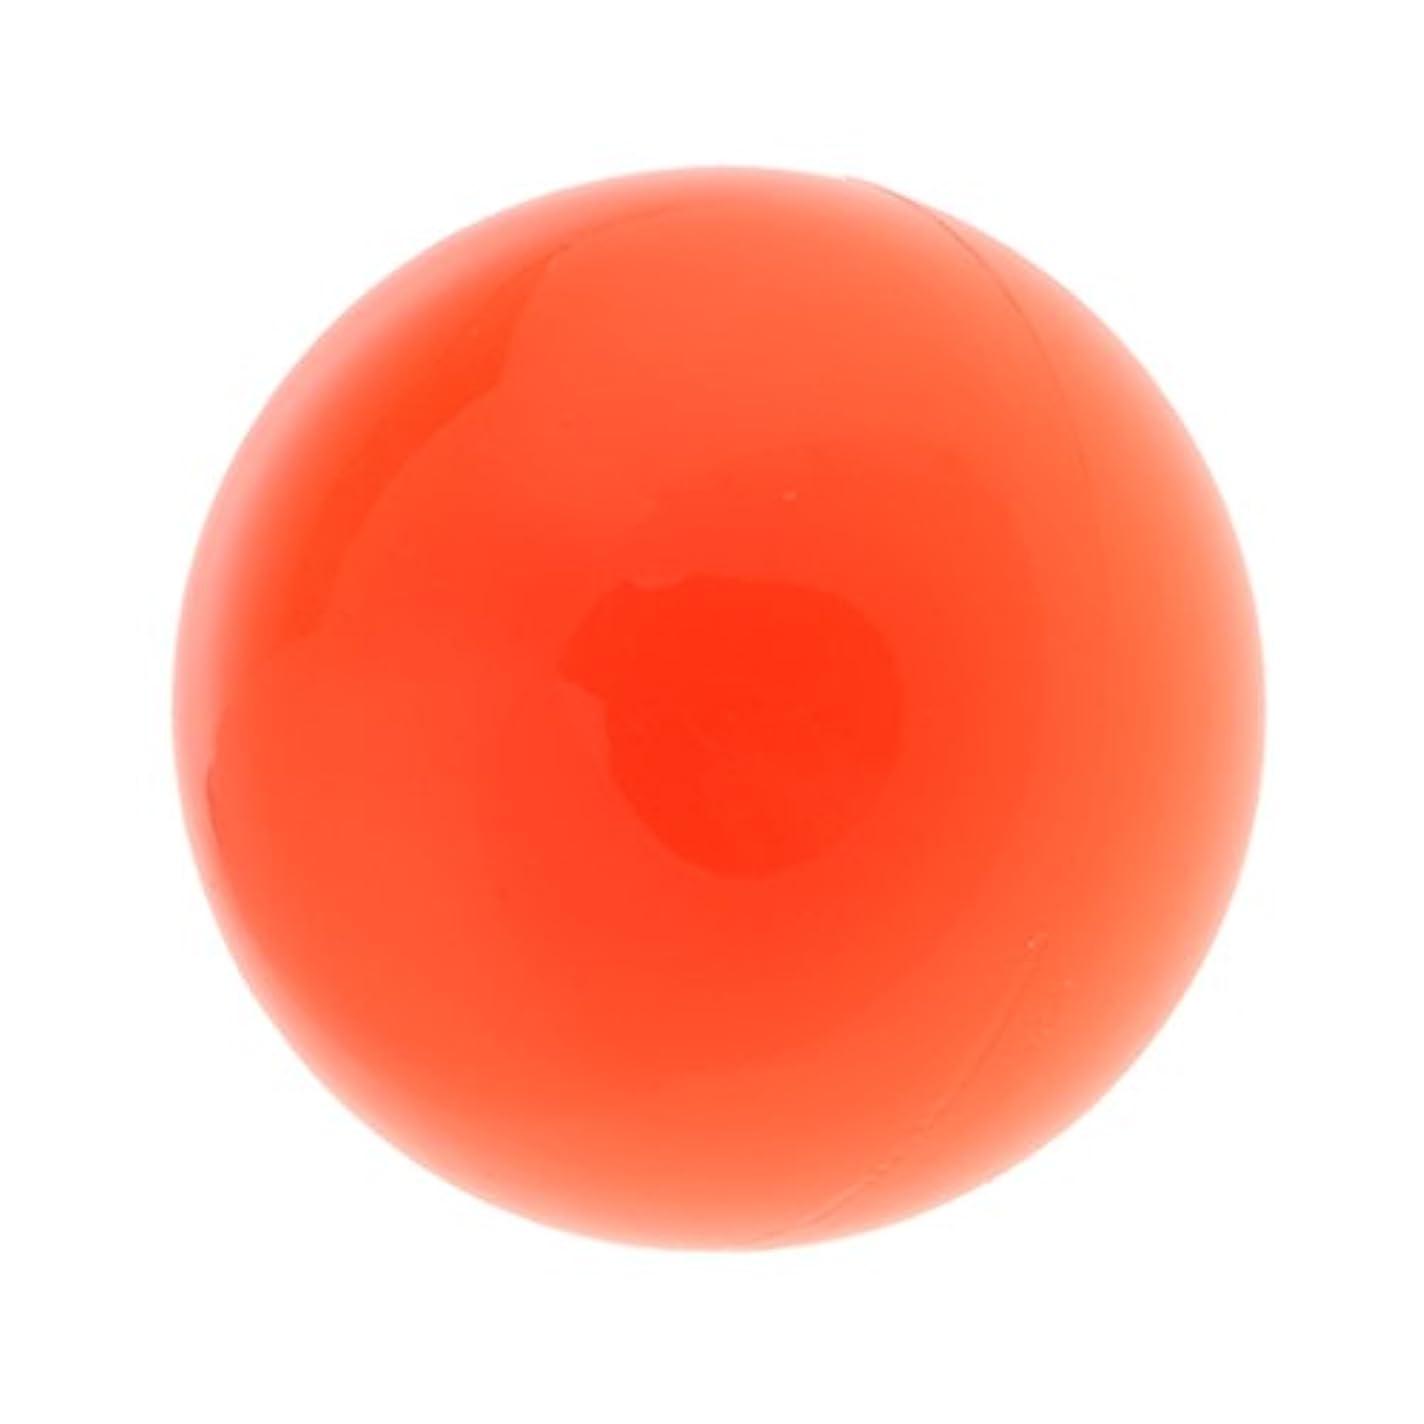 神学校休憩高架ラクロスマッサージボール マッサージボール マッサージ 手のひら 足 腕 首 背中 足首 ジム ホーム 便利 オレンジ